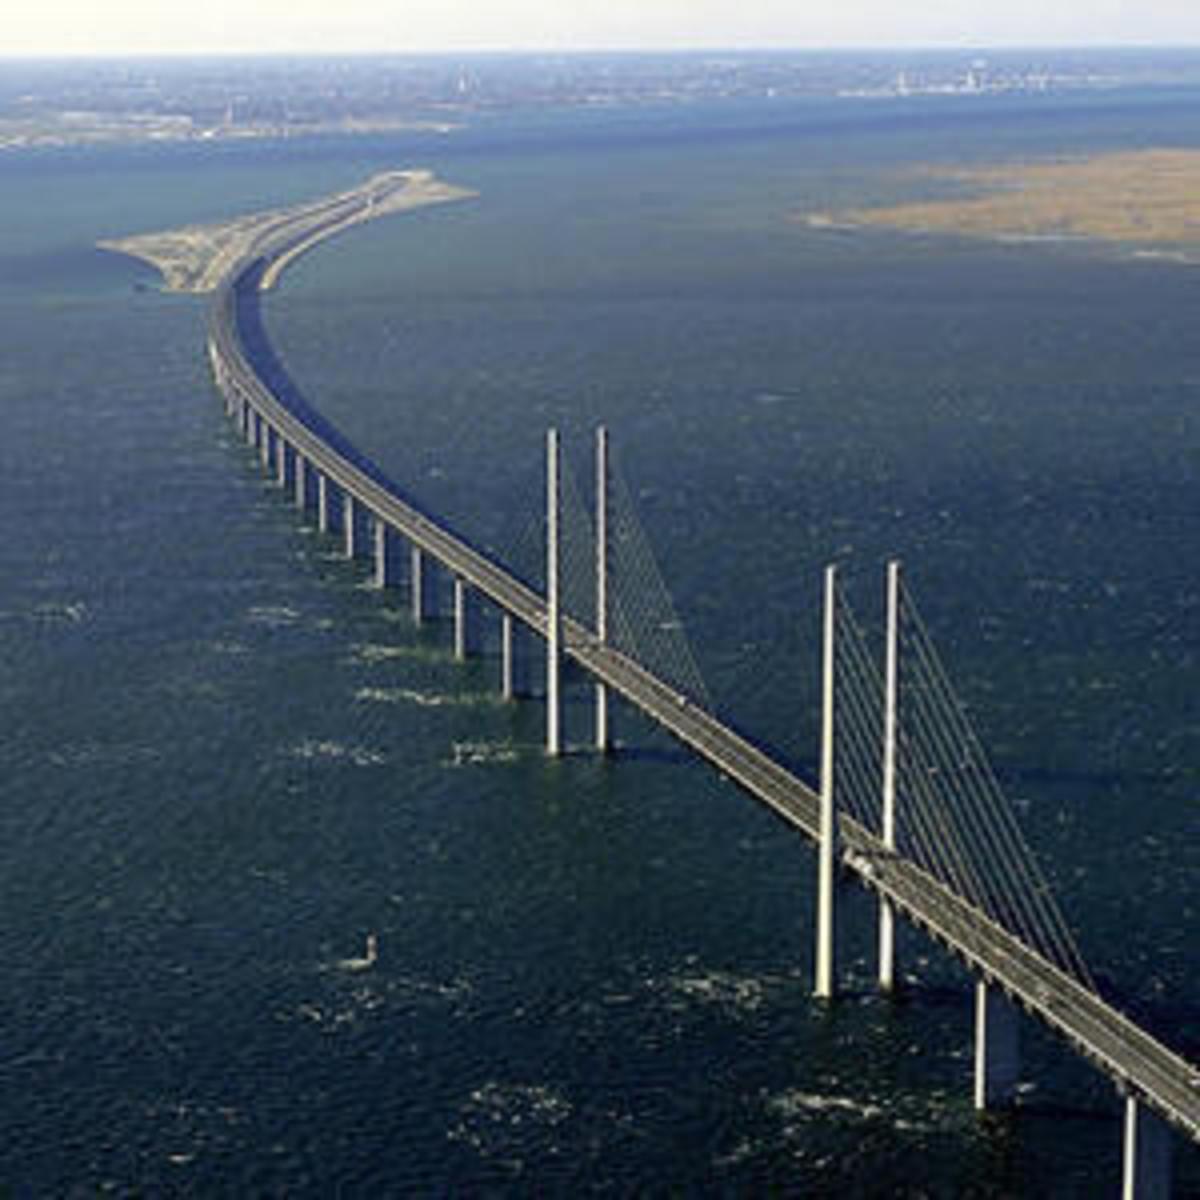 The Oresund Bridge.